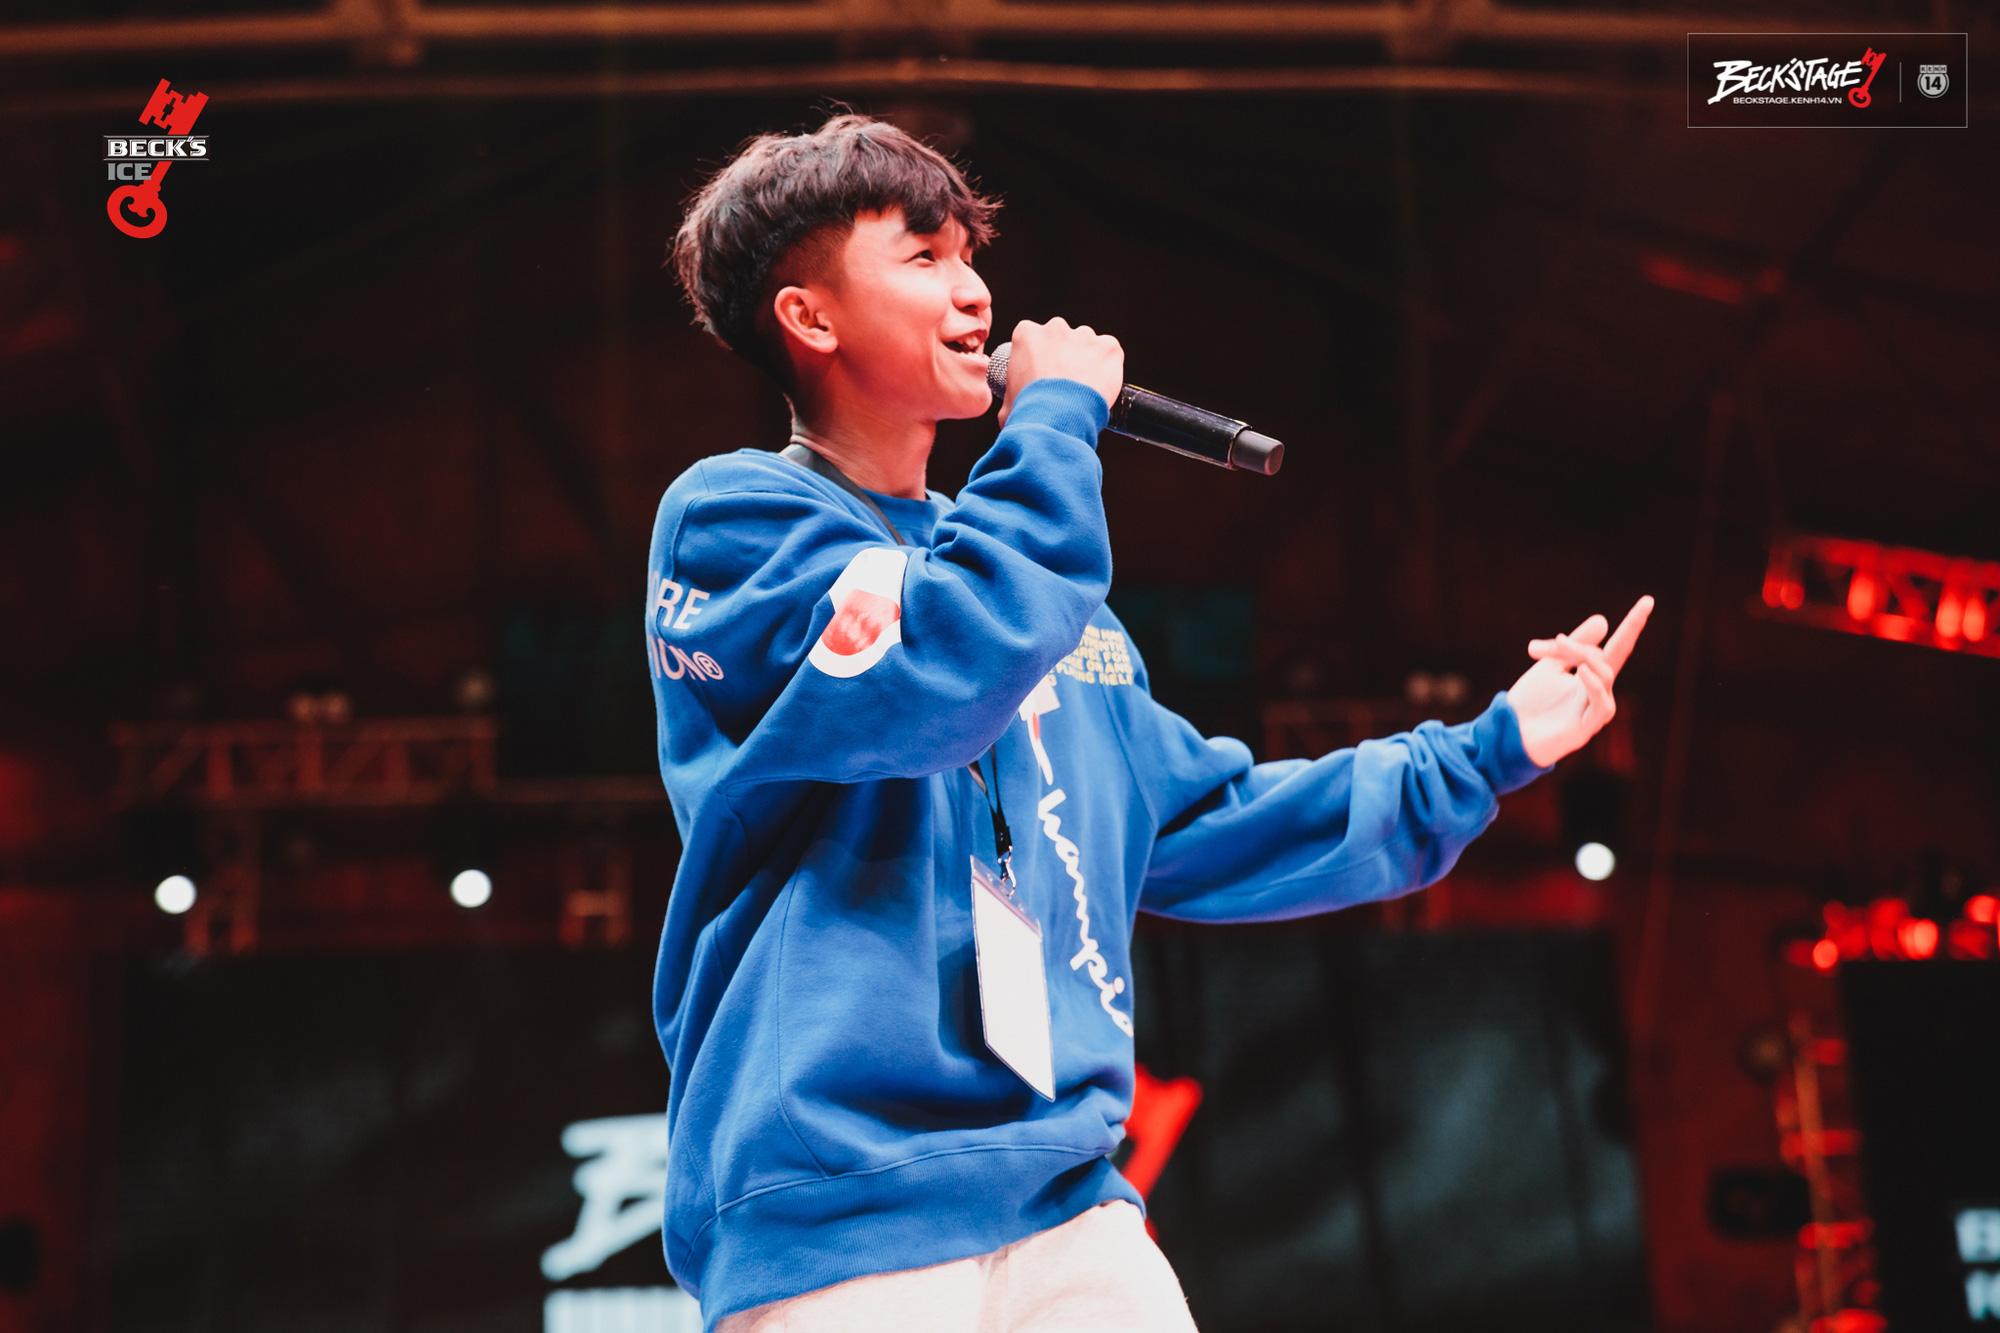 Ngôi vô địch BeckStage Battle Rap đã có chủ: Sóc Nâu và Phúc Du giành lấy ngôi vương đầy thuyết phục, một tương lai đầy hy vọng của rap Việt! - Ảnh 4.